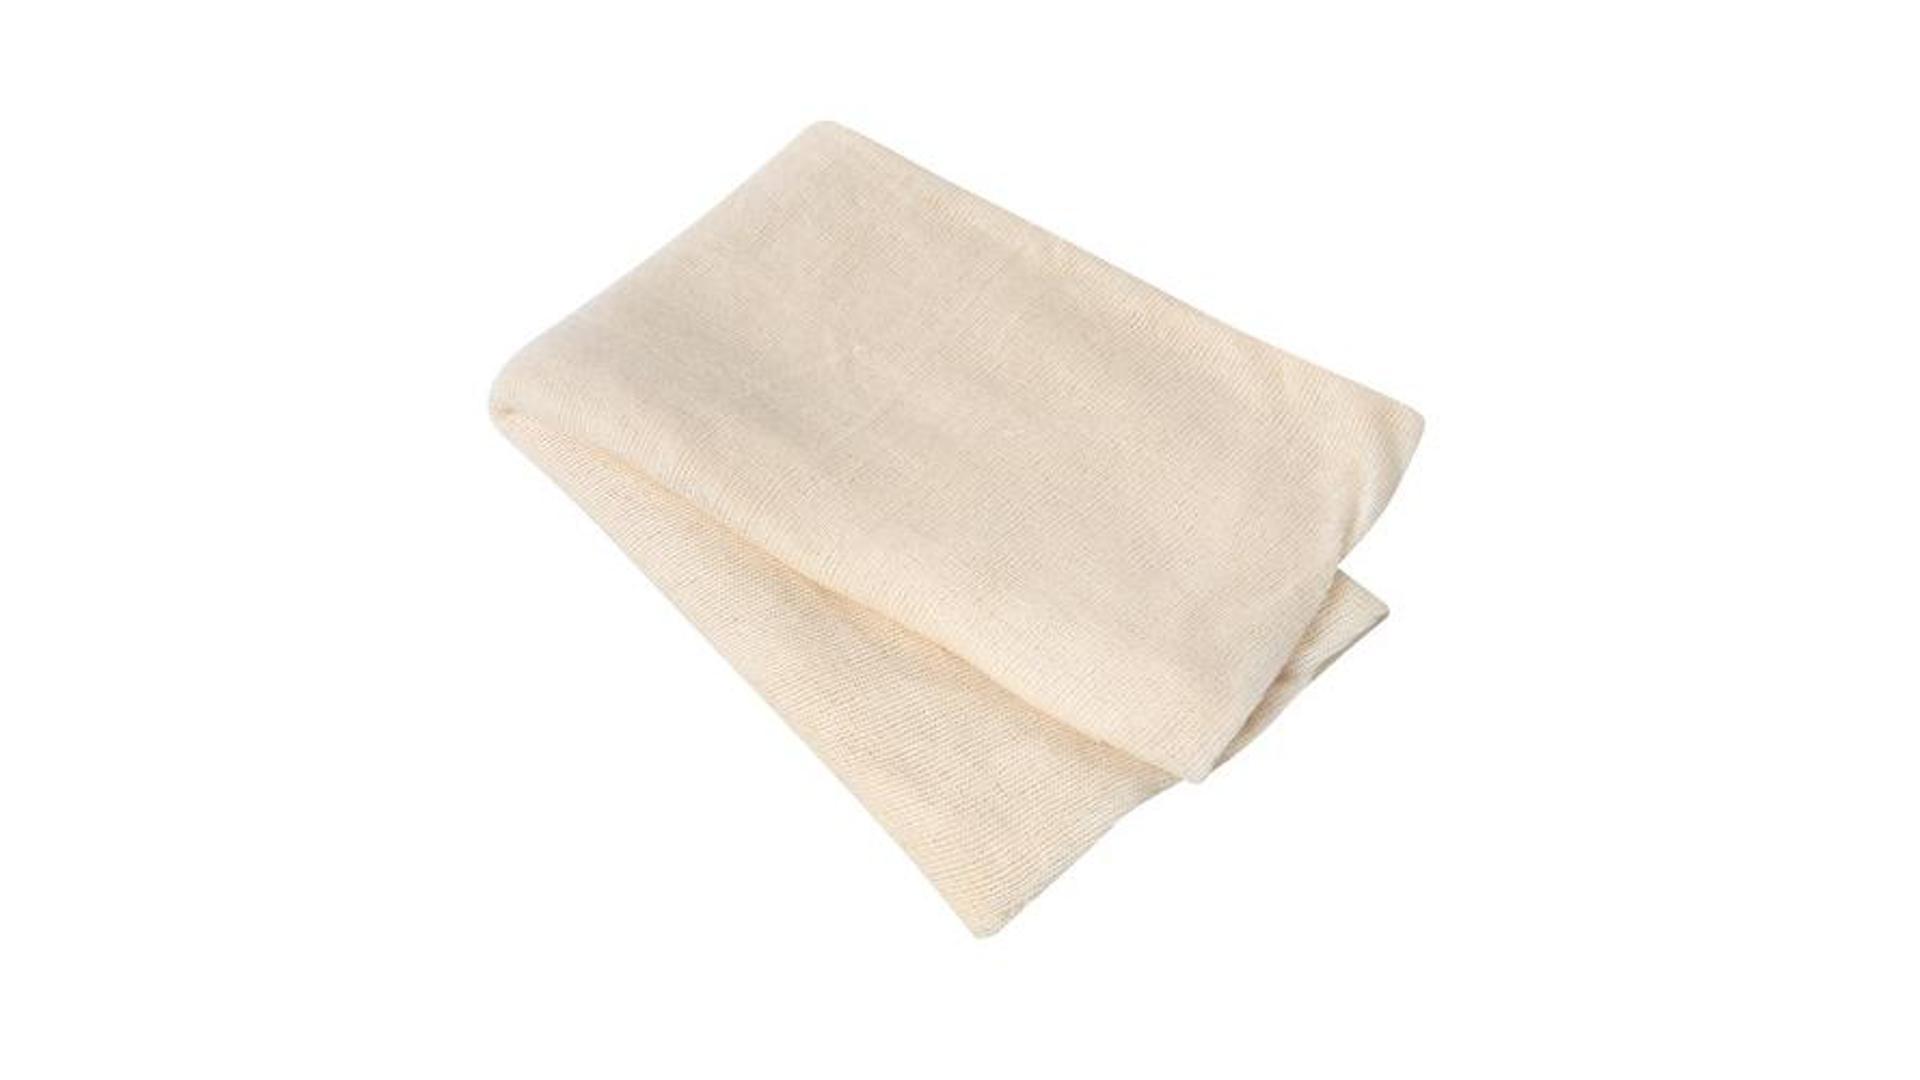 LAMPA Cistiaca utierka zo 100% prírodnej bavlny 300g